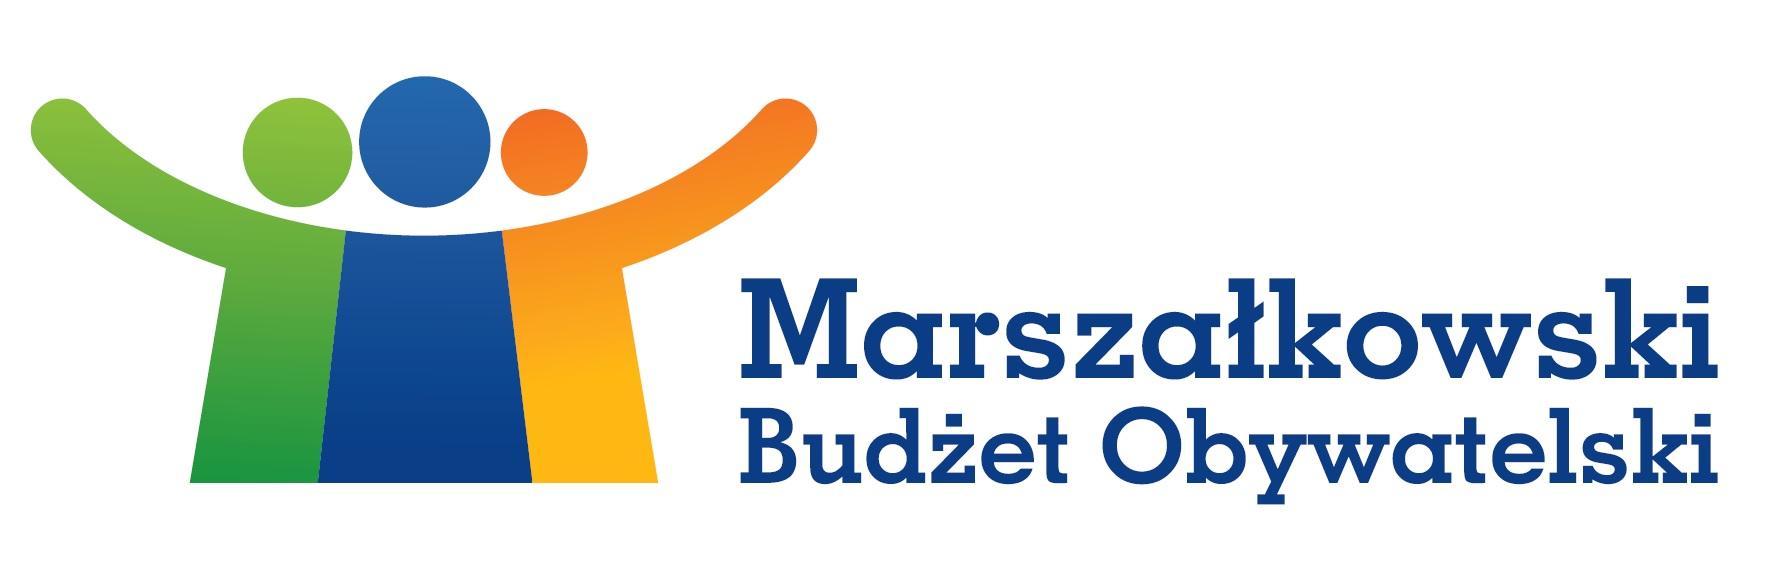 Znalezione obrazy dla zapytania budżet urzędu marszałkowskiego opole